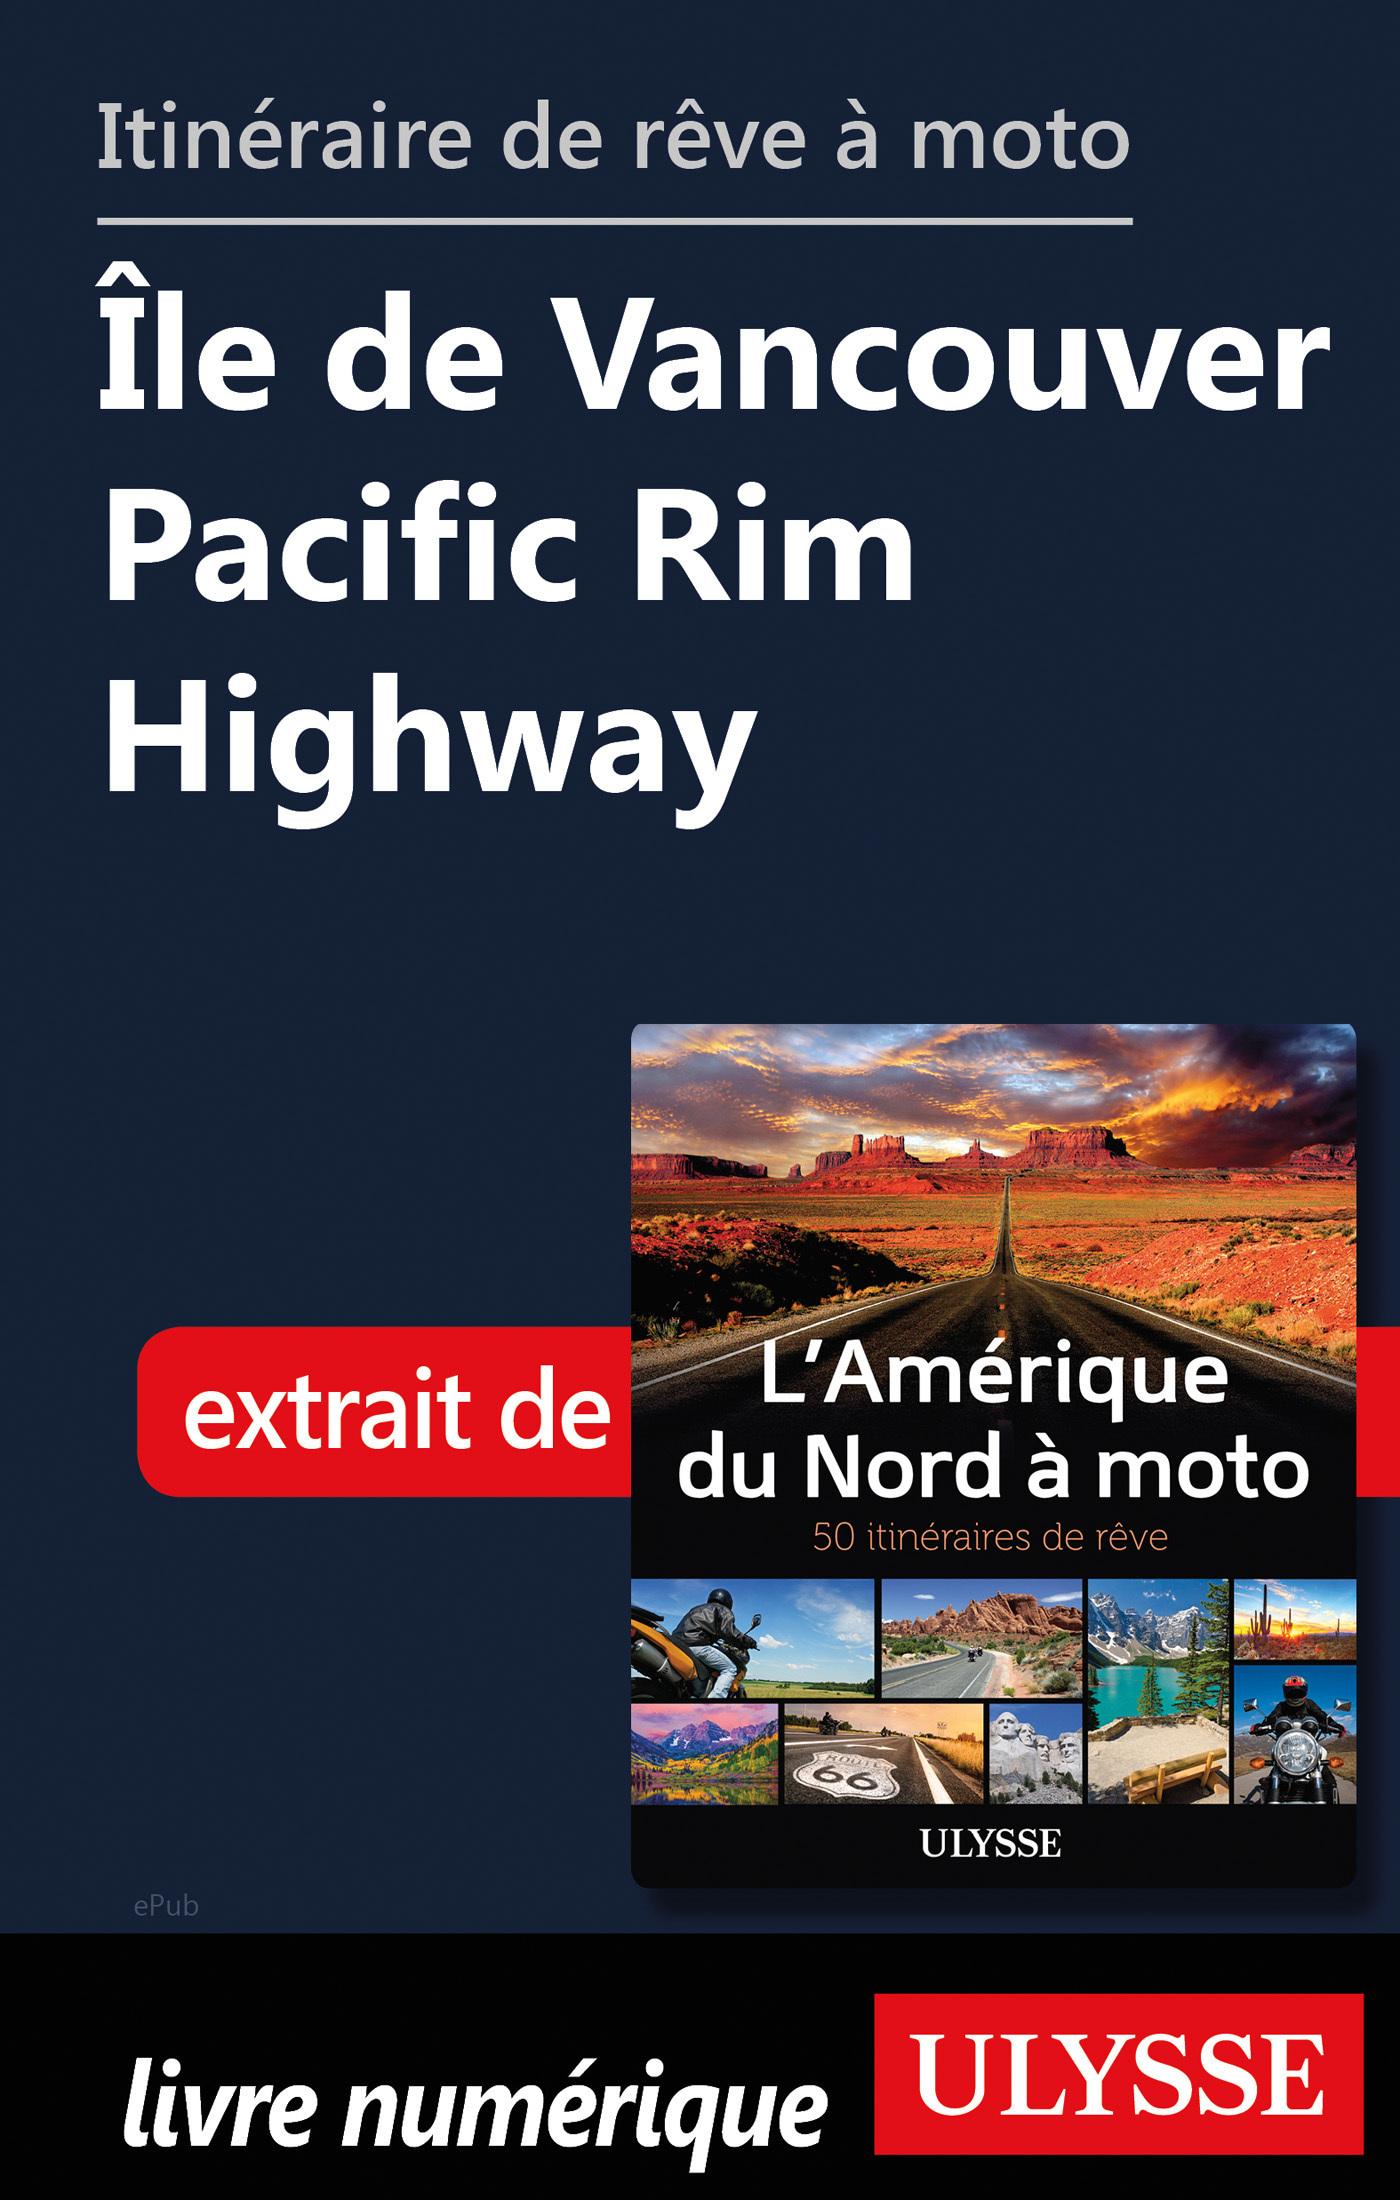 Itinéraire de rêve à moto - Ile de Vancouver Pacific Rim Highway